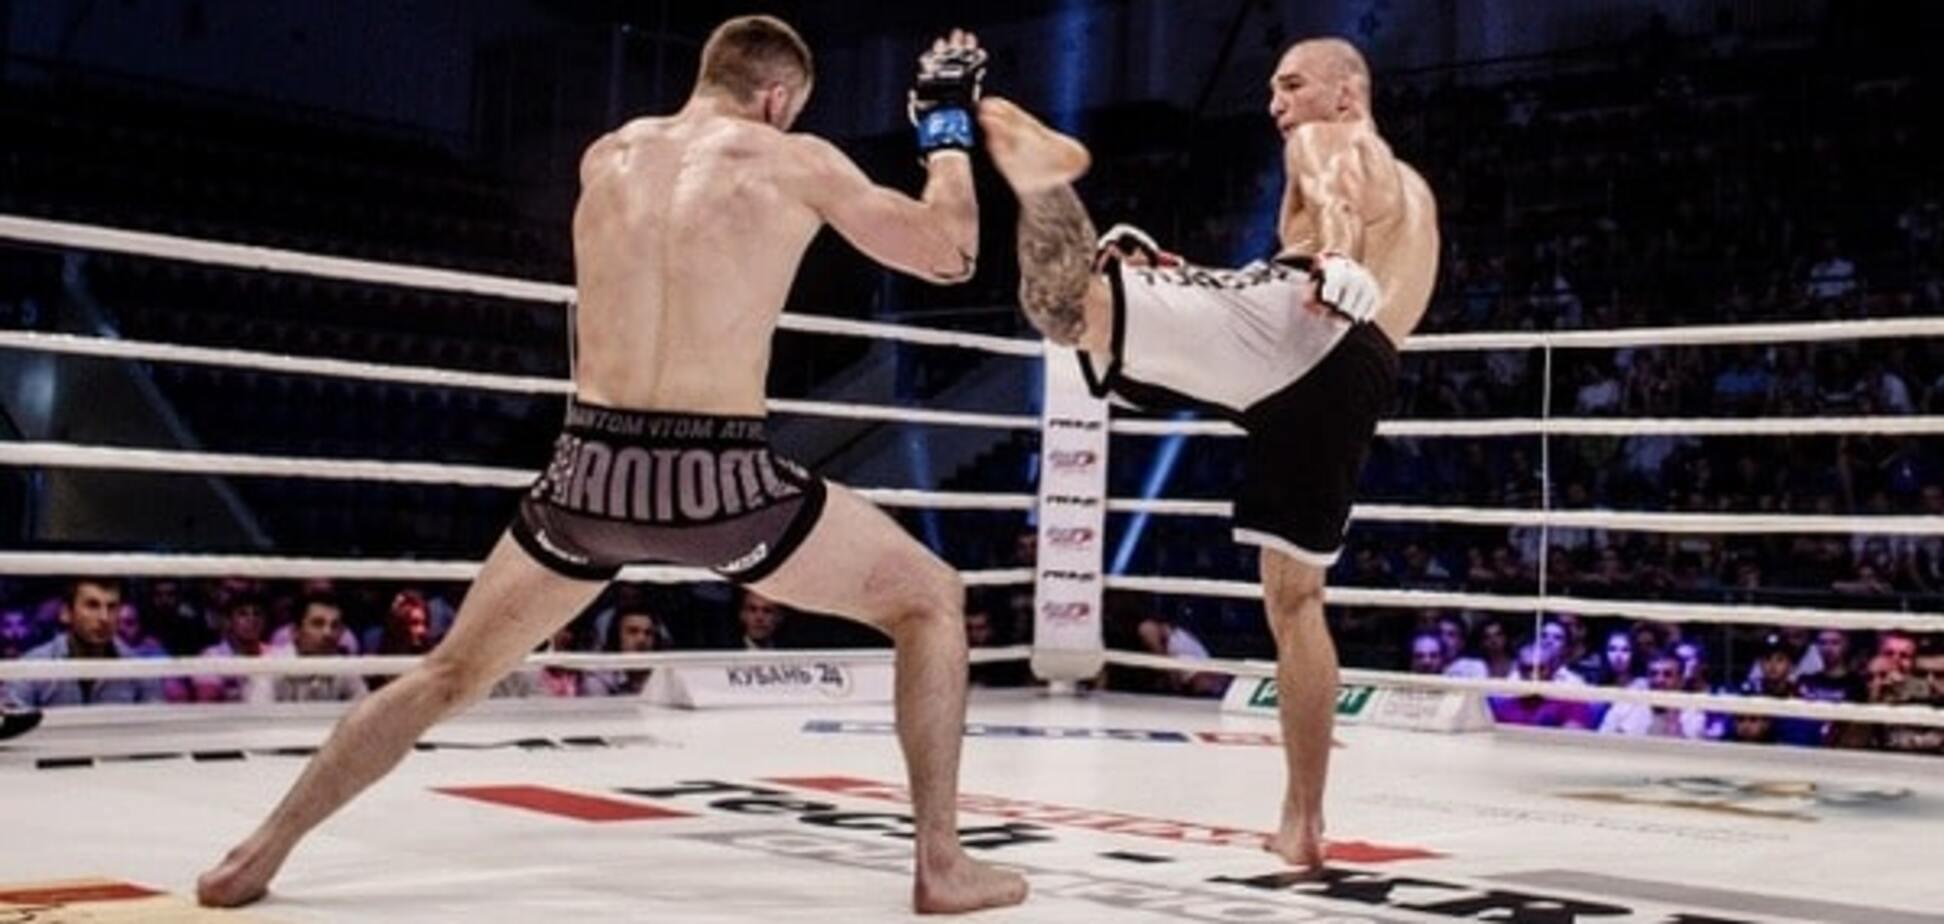 Непобедимый украинский боец стал чемпионом мира, выиграв турнир в России